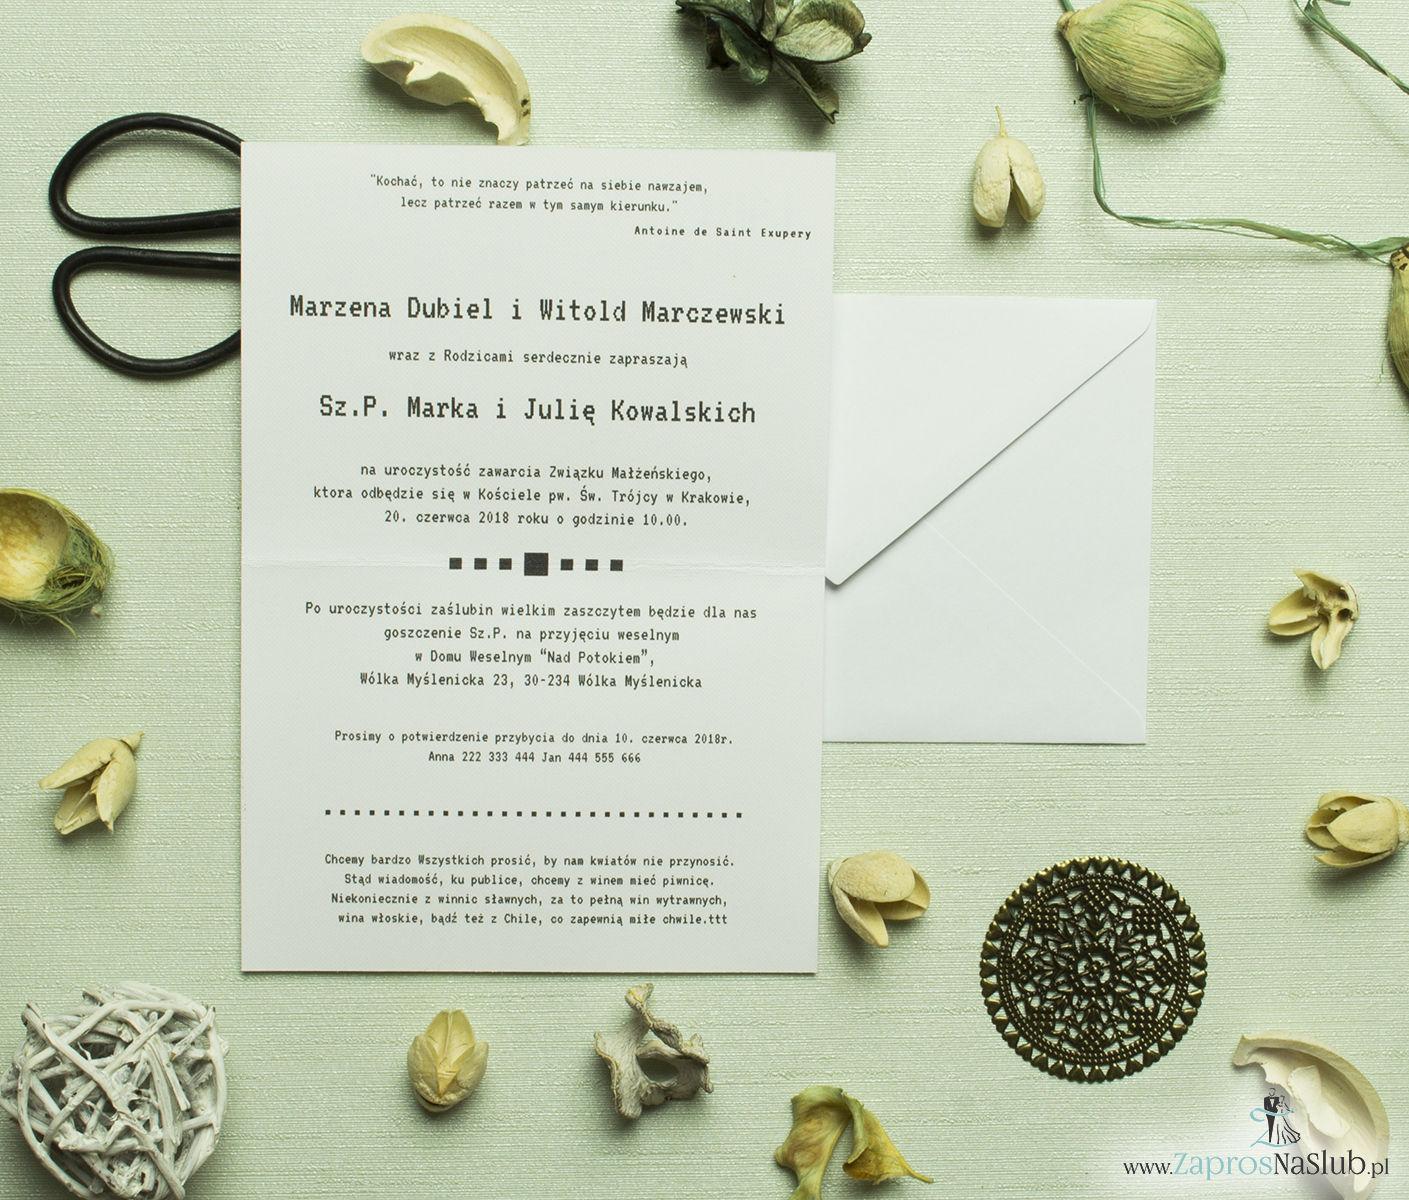 Klasyczne zaproszenia ślubne z pixelowanym obrazkiem przedstawiającym parę. Idealne dla osób z IT. ZAP-56-04